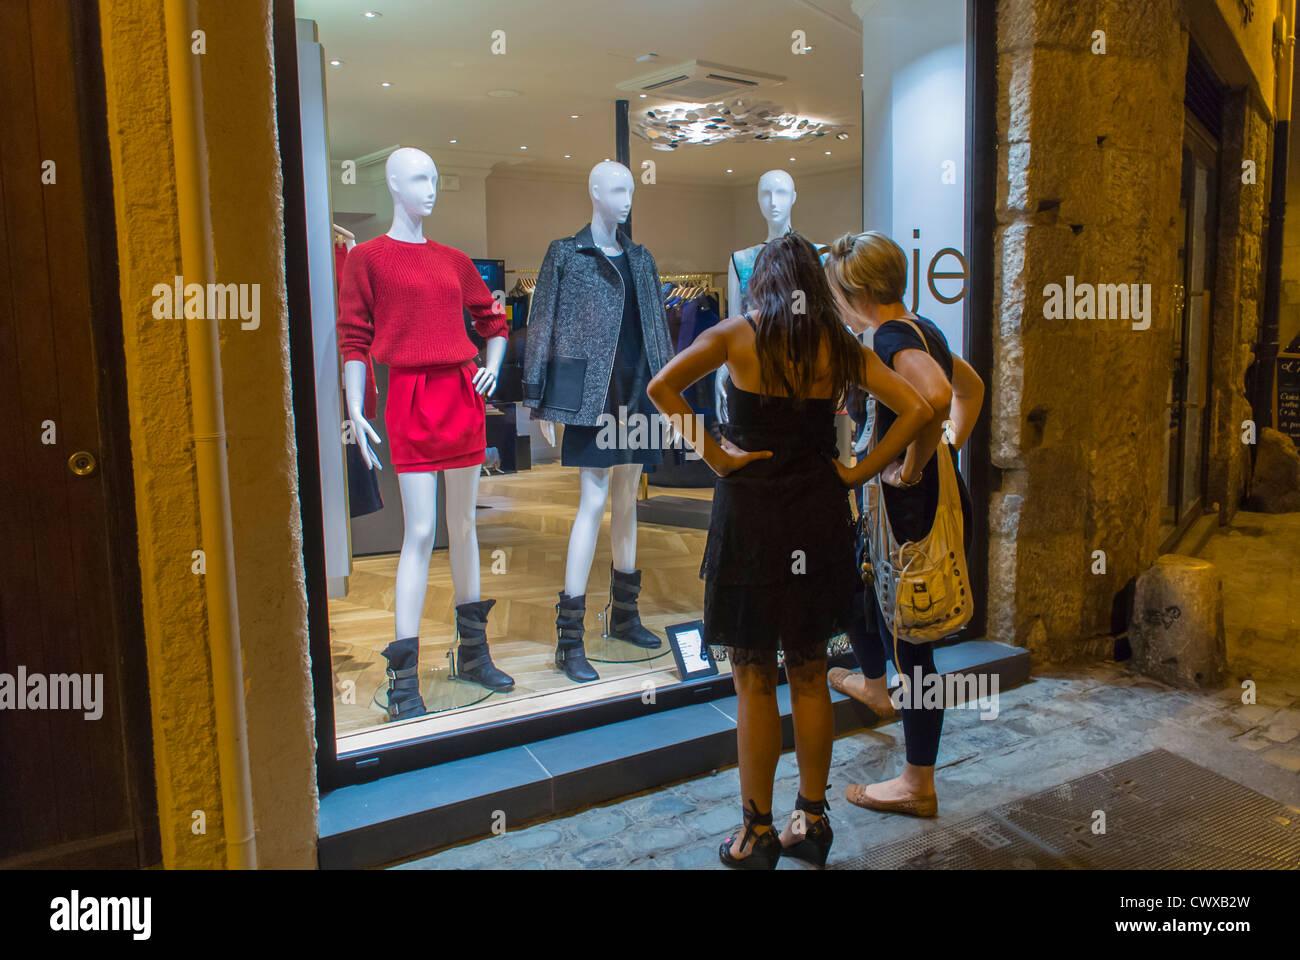 Perpignan, France, Femmes Window Shopping, magasins de mode dans le centre ville, Photo Stock